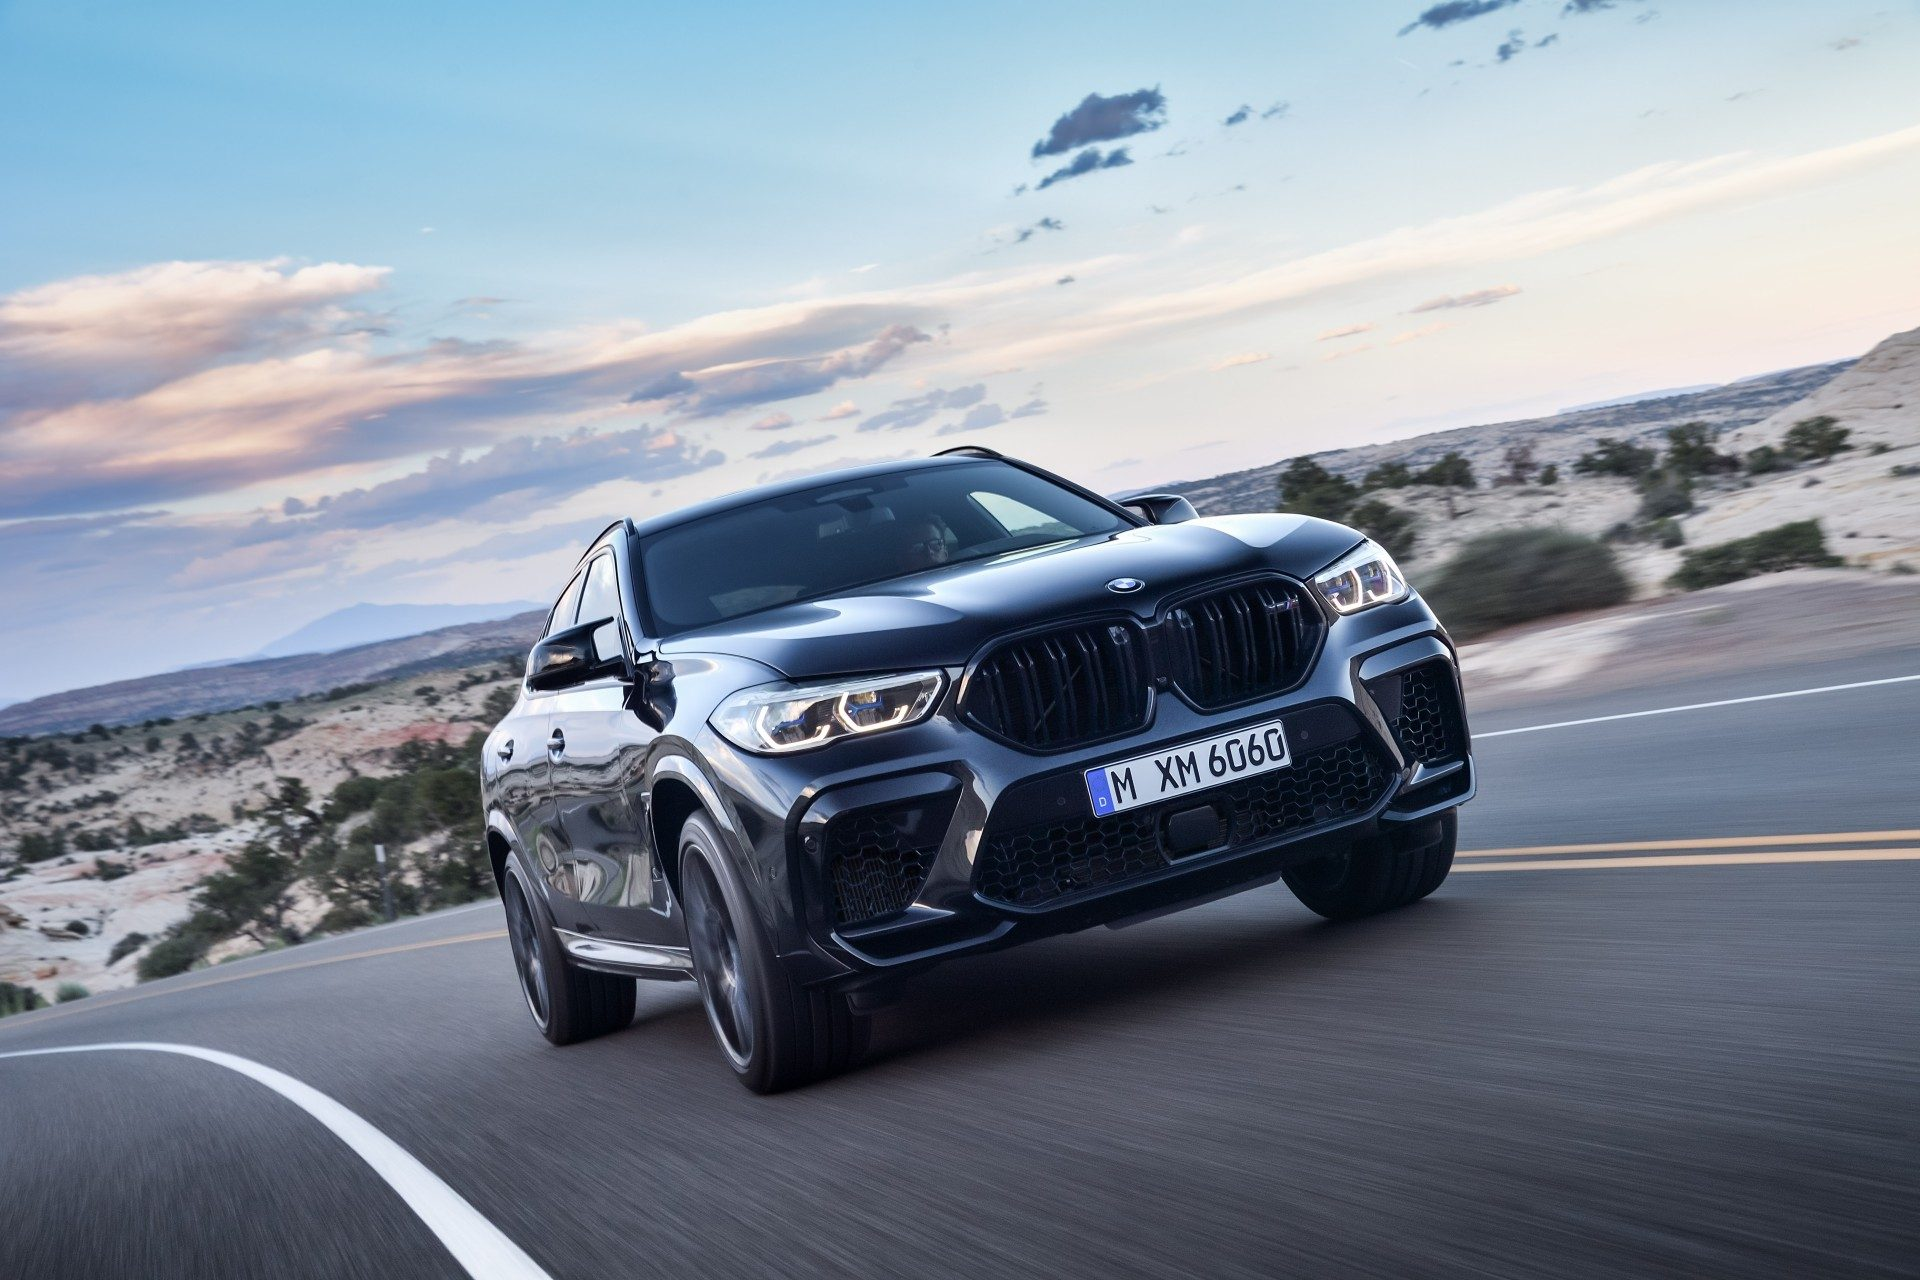 Tanto el BMW X6 como el X7 podrían tener una versión de hidrógeno próximamente